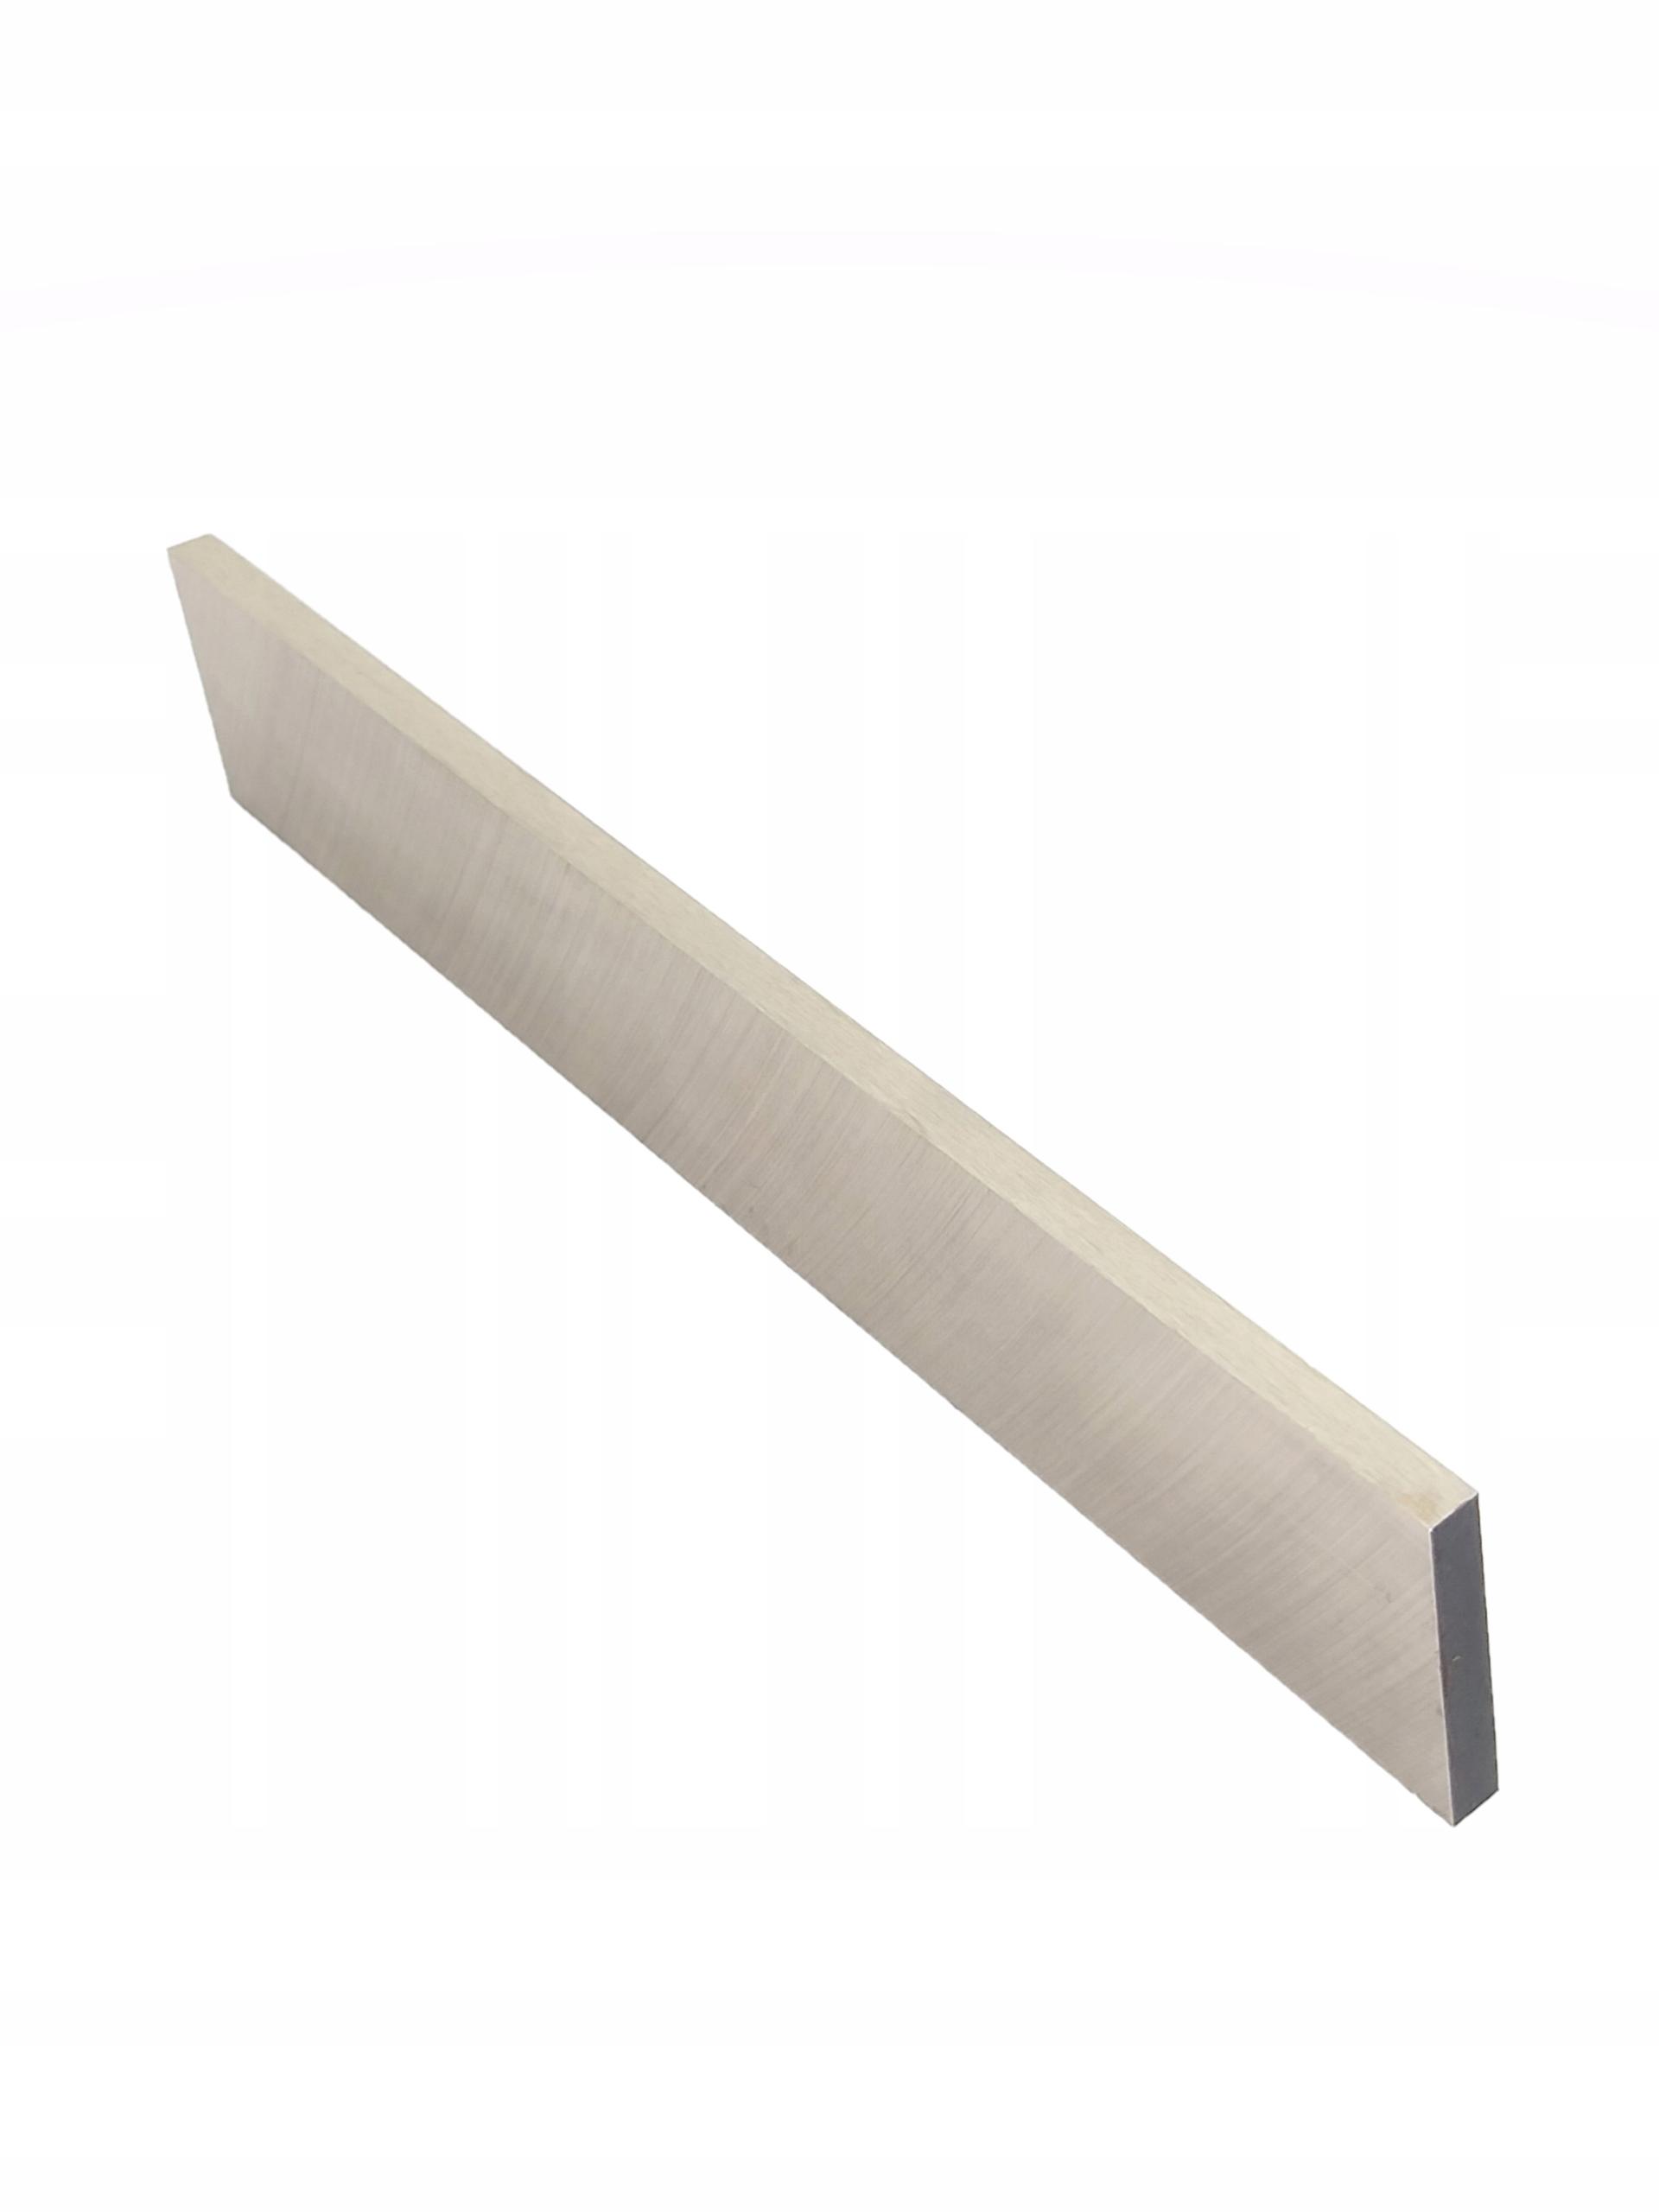 Stonky Palki Hss Nože Odstrániť nôž 10x5x160